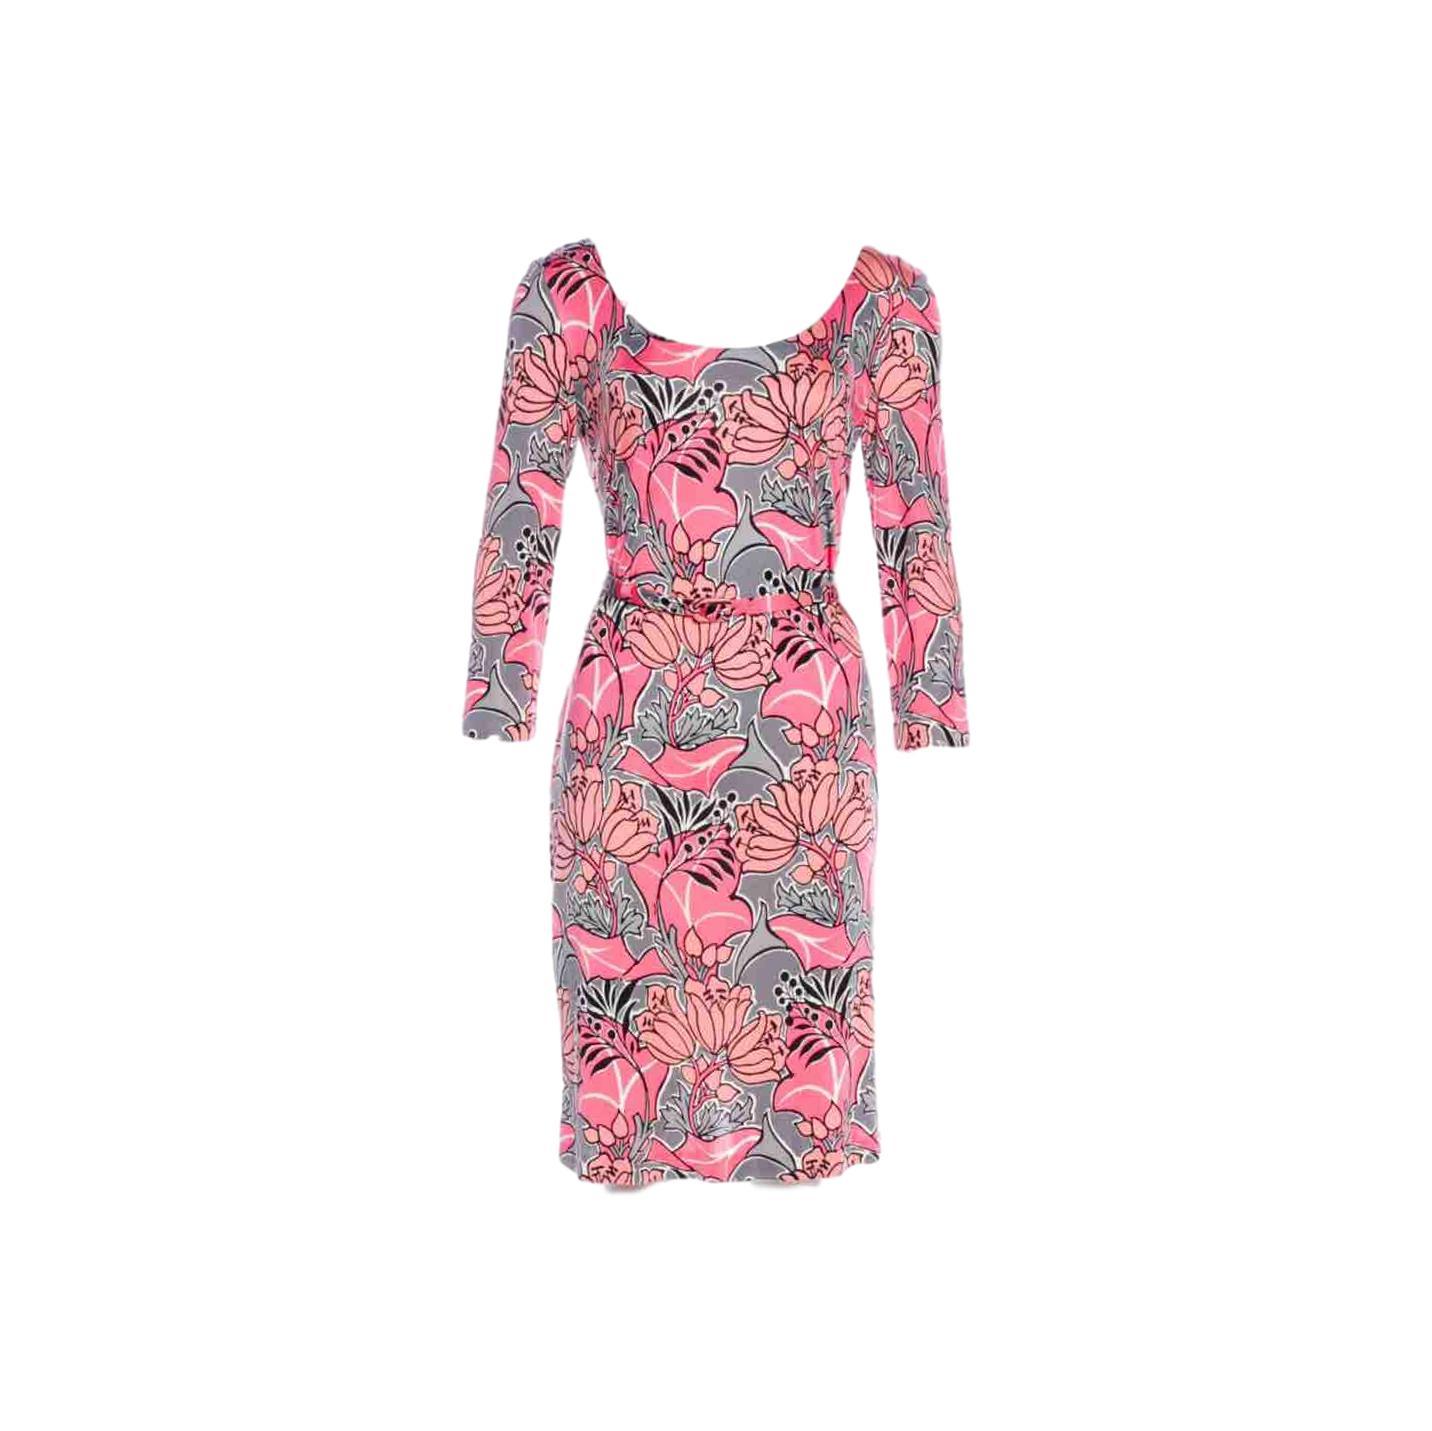 3718a94ad6572dd Купить платье Prada за 6500 руб. в интернет магазине - бутике с ...